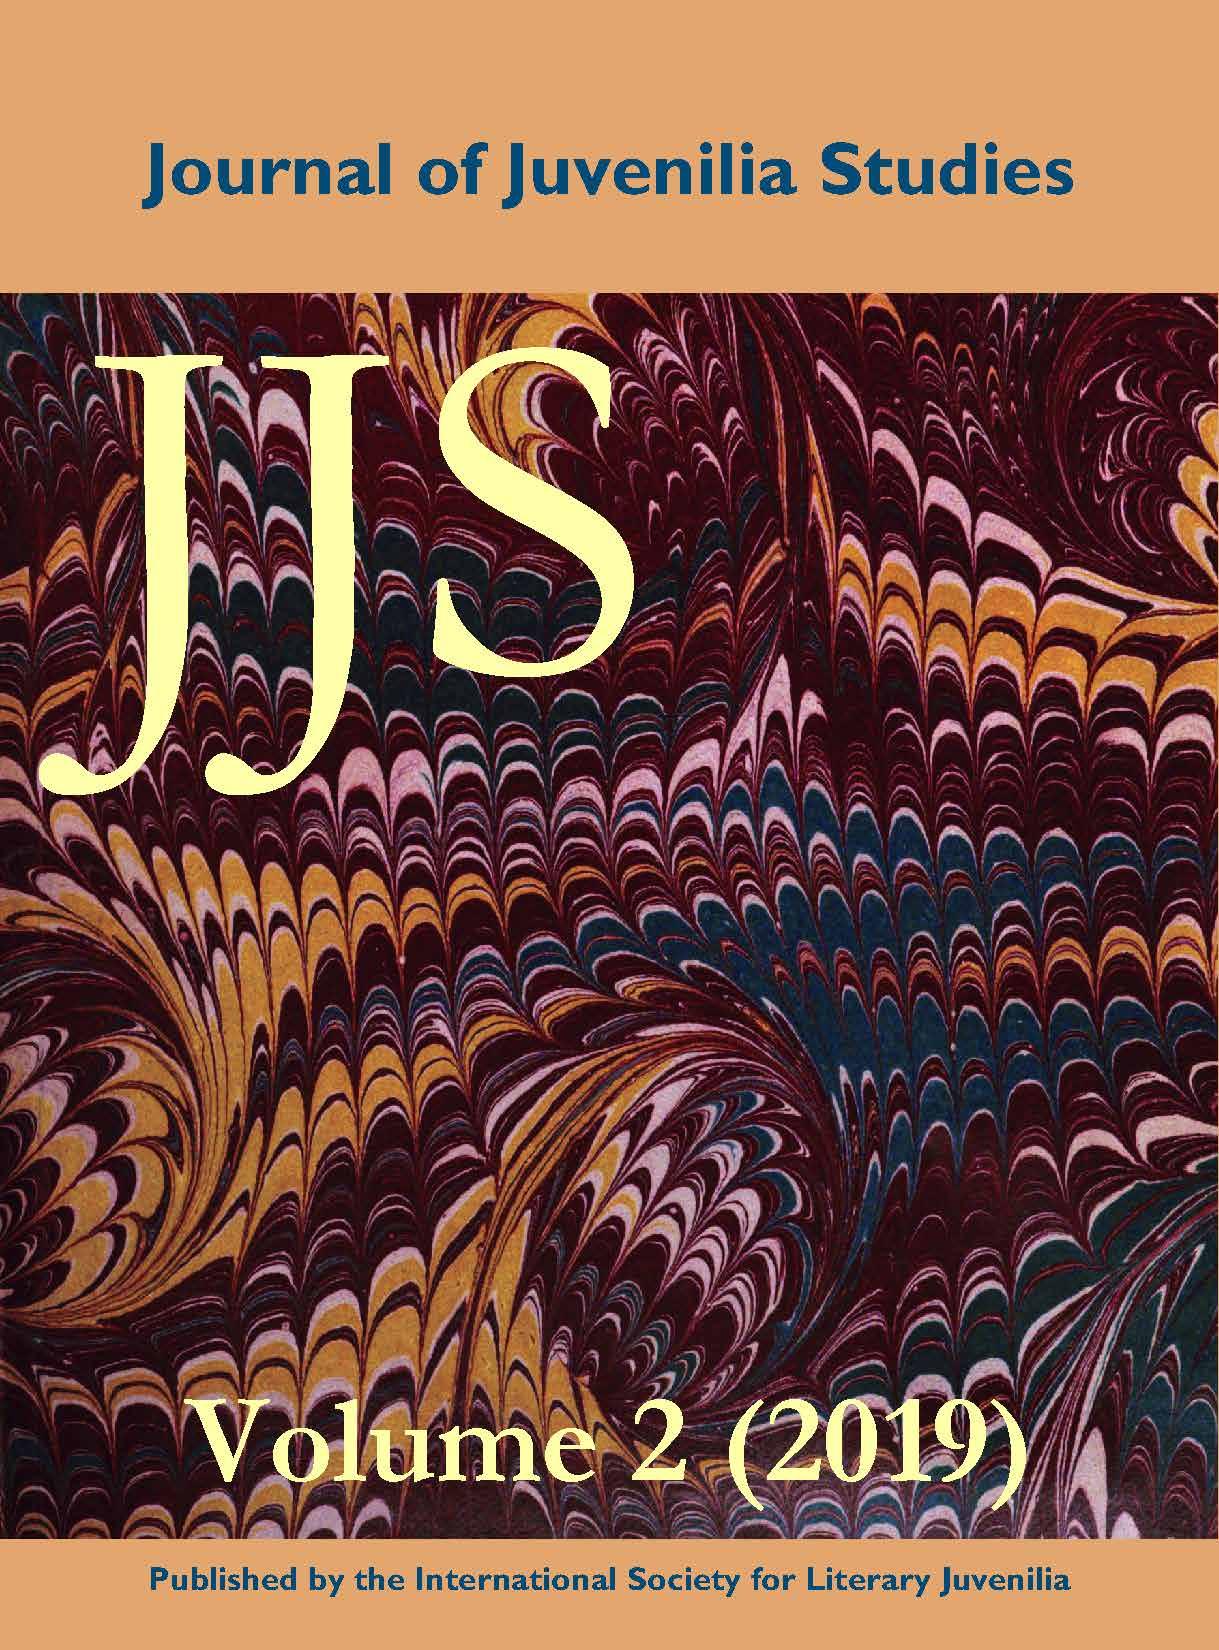 Vol. 2, no. 1, of JJS.